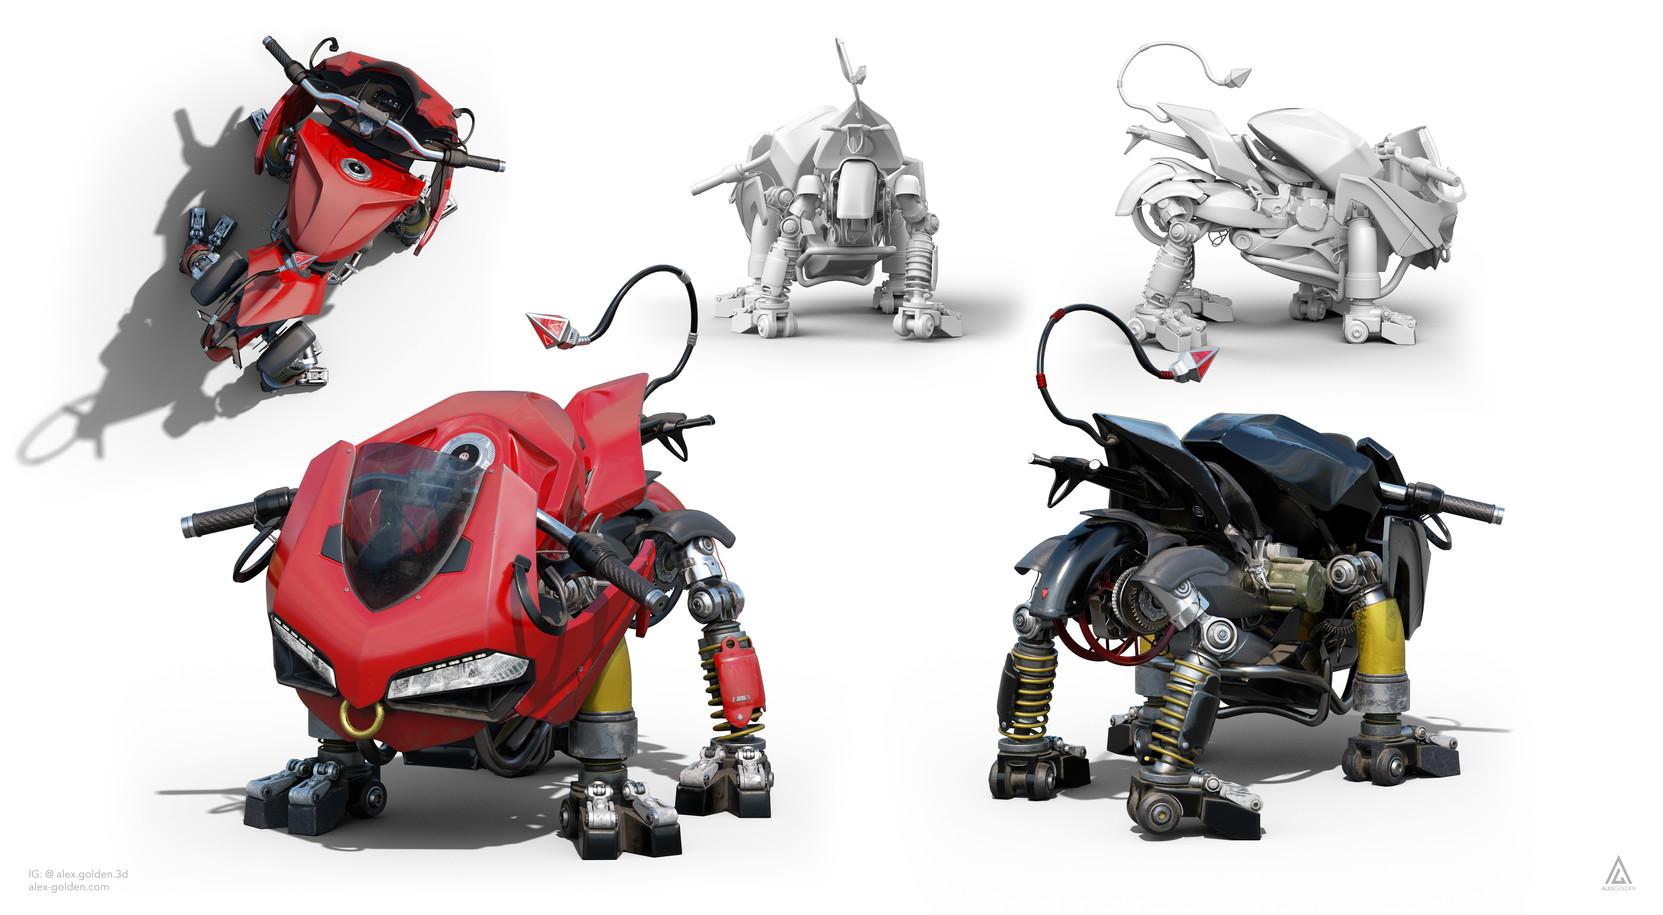 Ducati_01.jpg